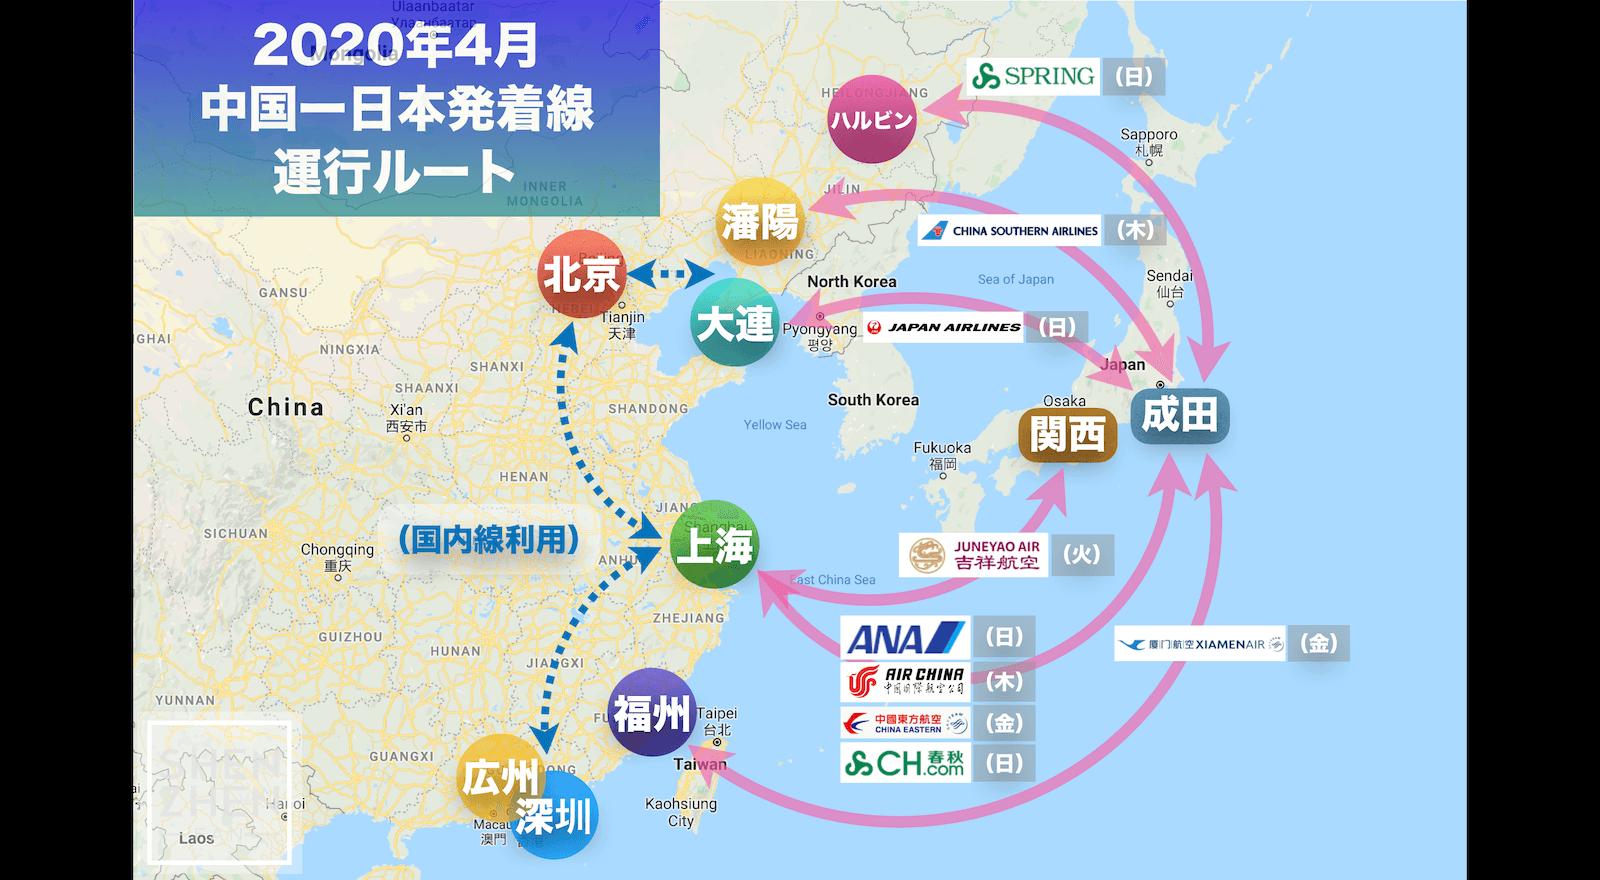 【中国発着 国際便】4月運行スケジュール(3/29-)深セン/広州から日本に帰るには?